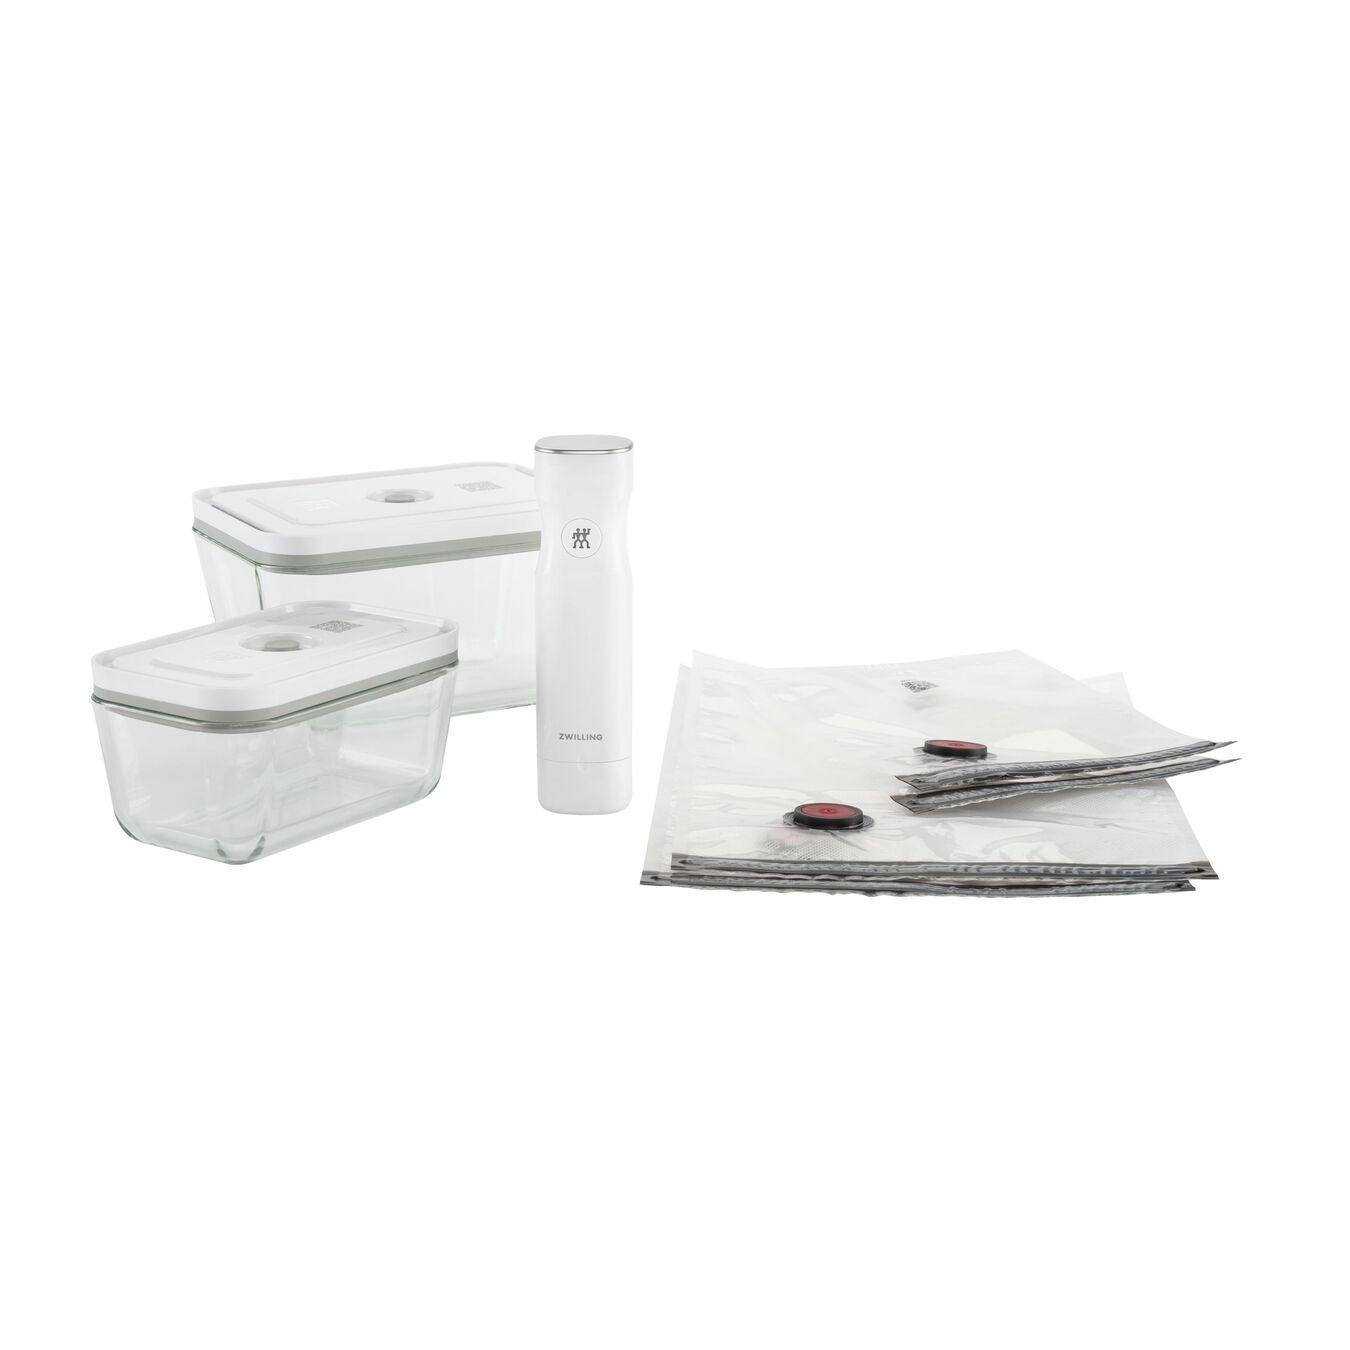 borosilicate glass / medium/large Vacuum starter set, 7-pc ,,large 1